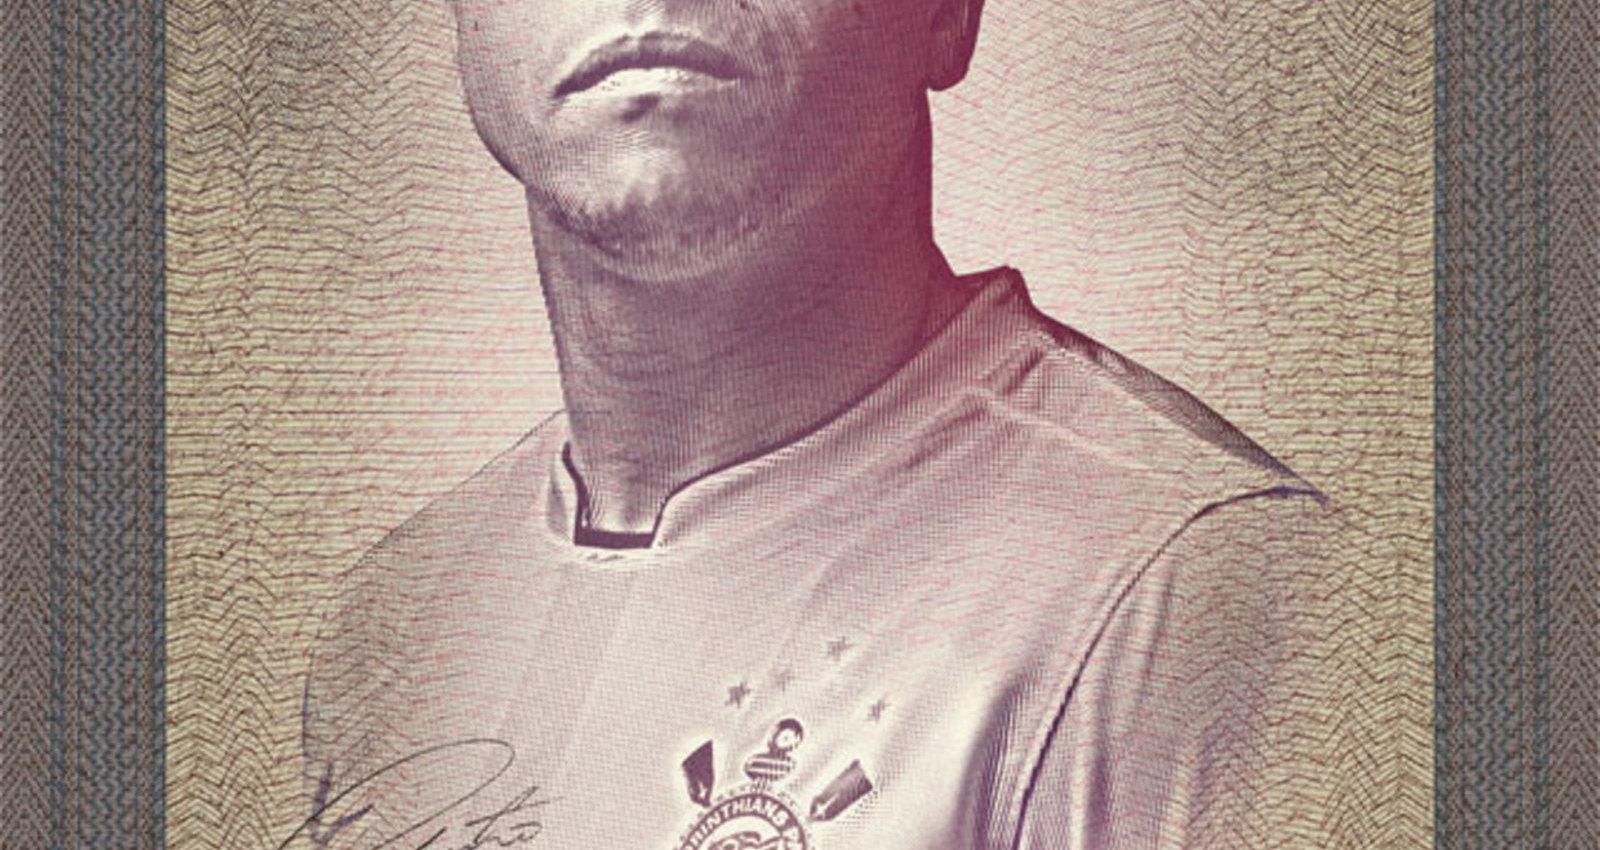 Republica Popular do Corinthians Poster